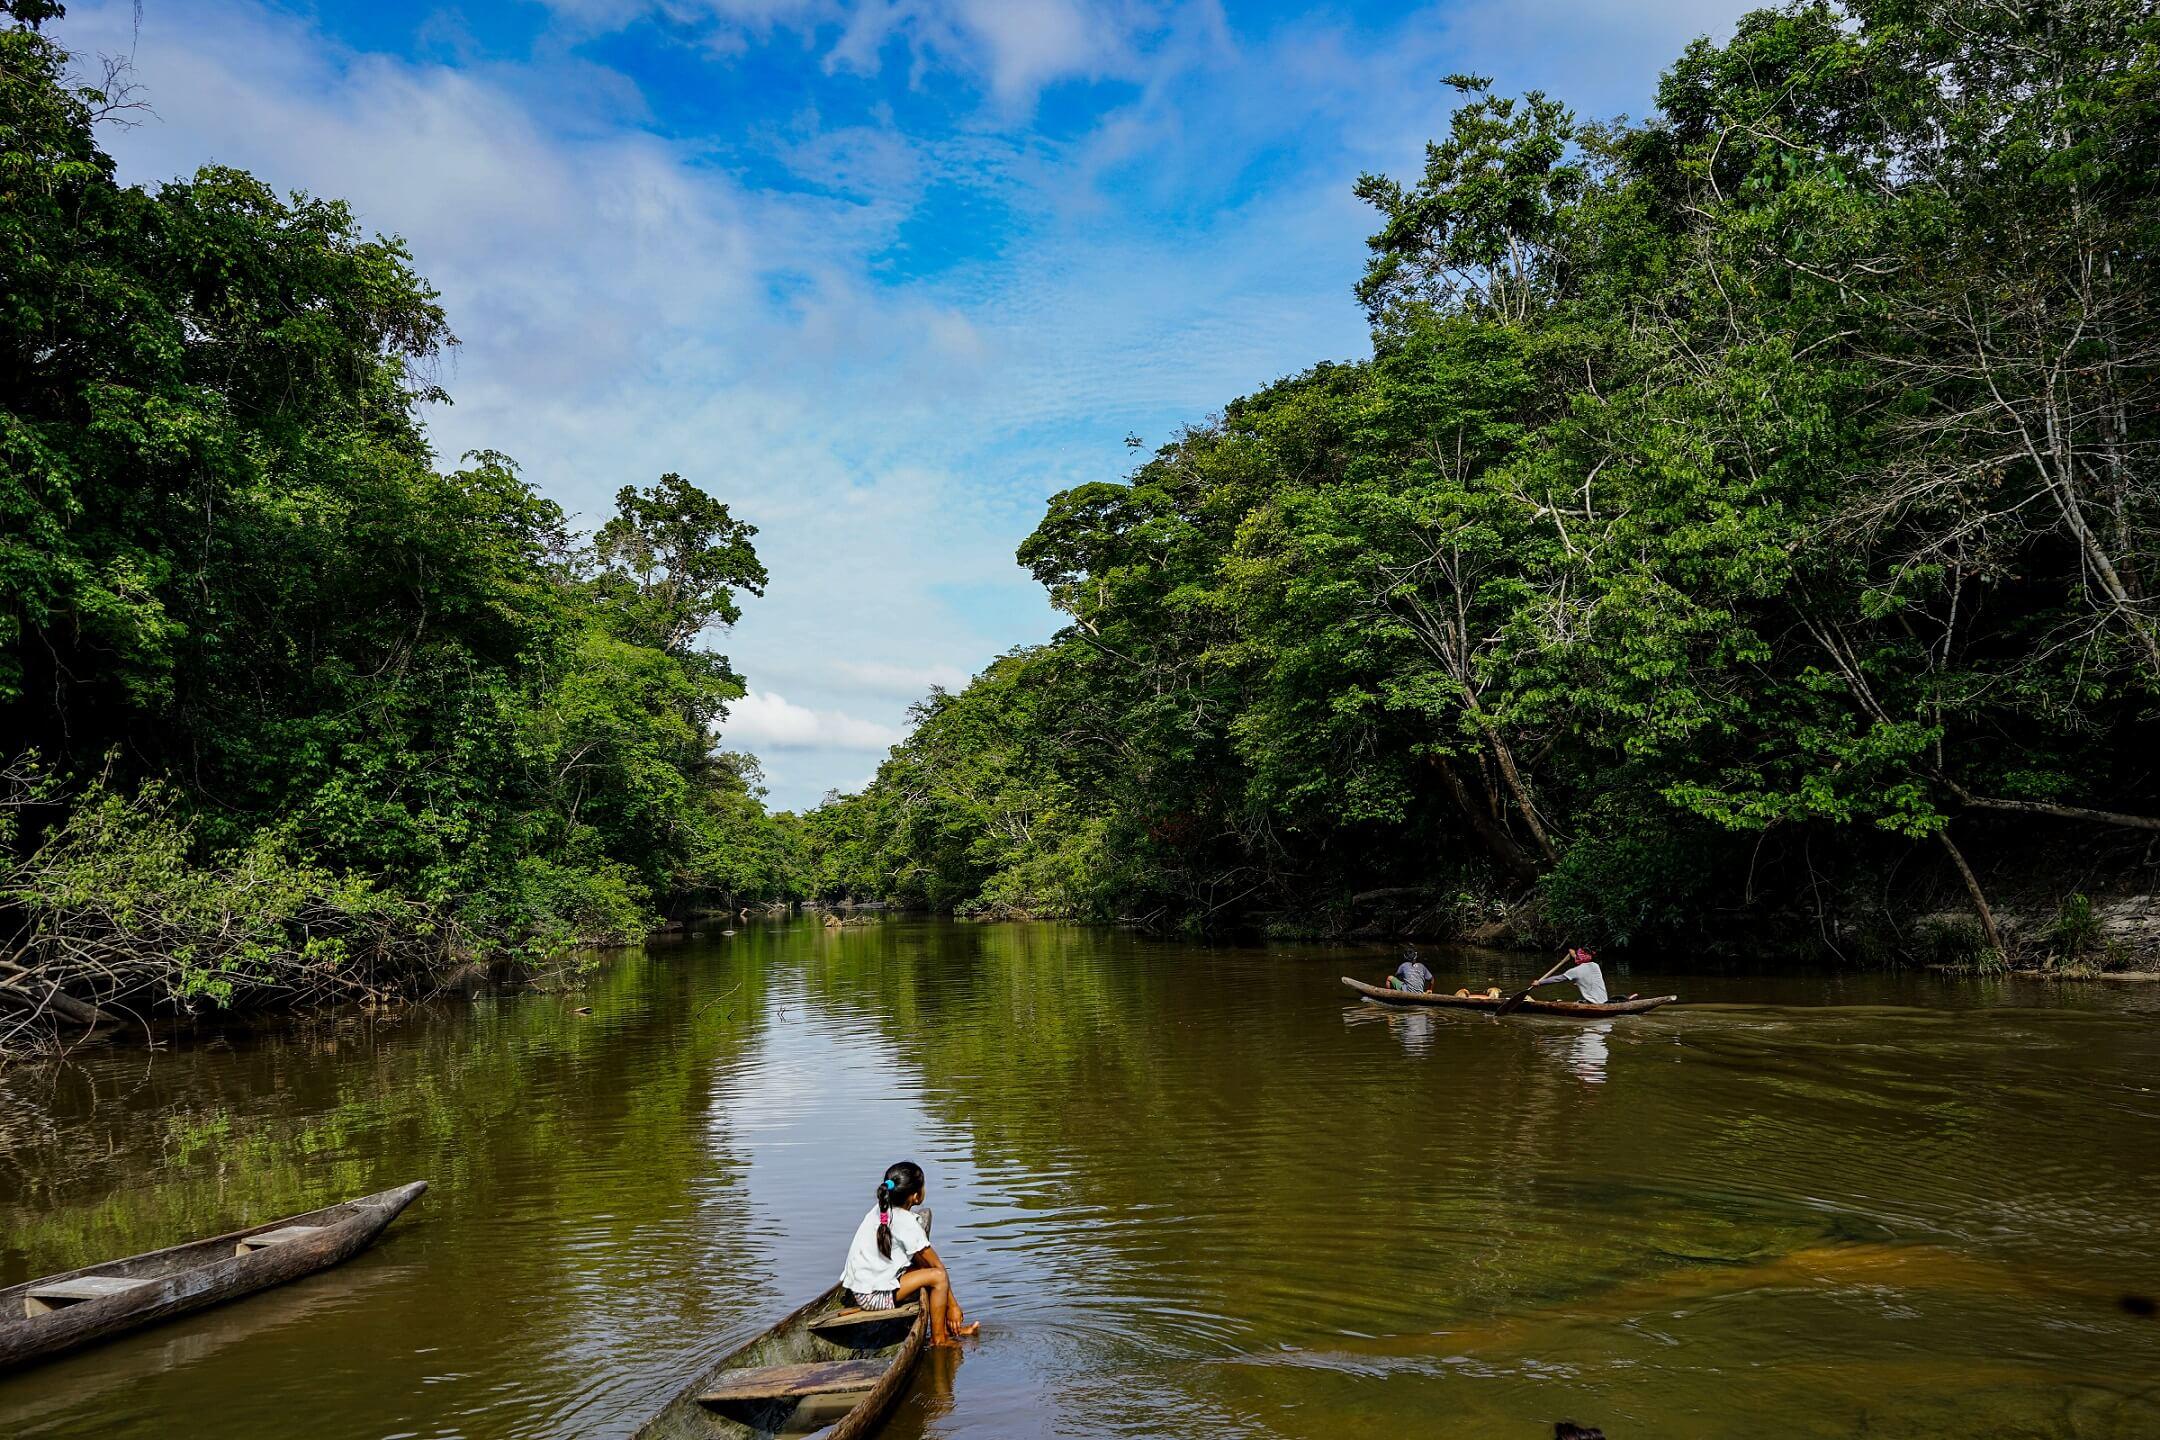 enfant amérindien au bord de la rivière